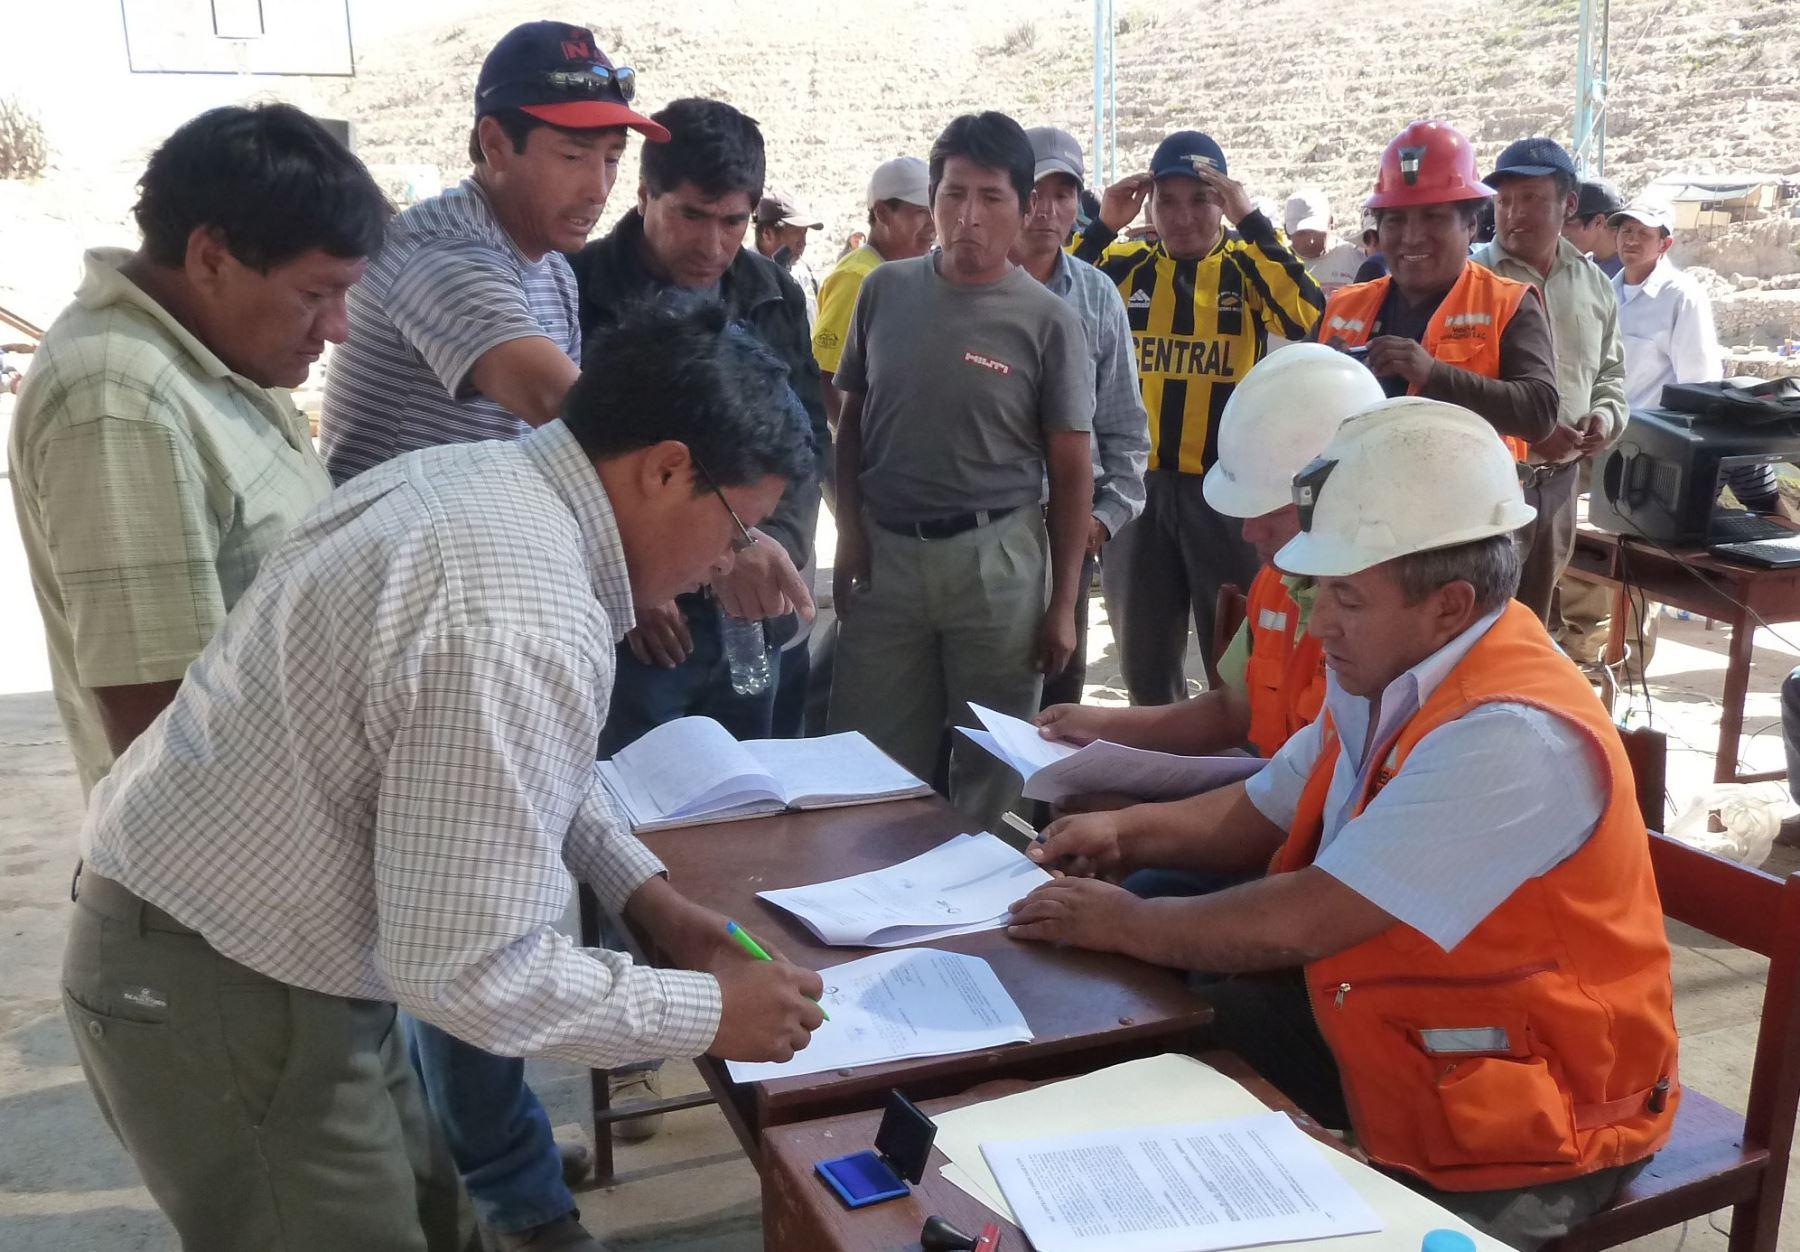 Asistirán a mineros en proceso de formalización en Madre de Dios